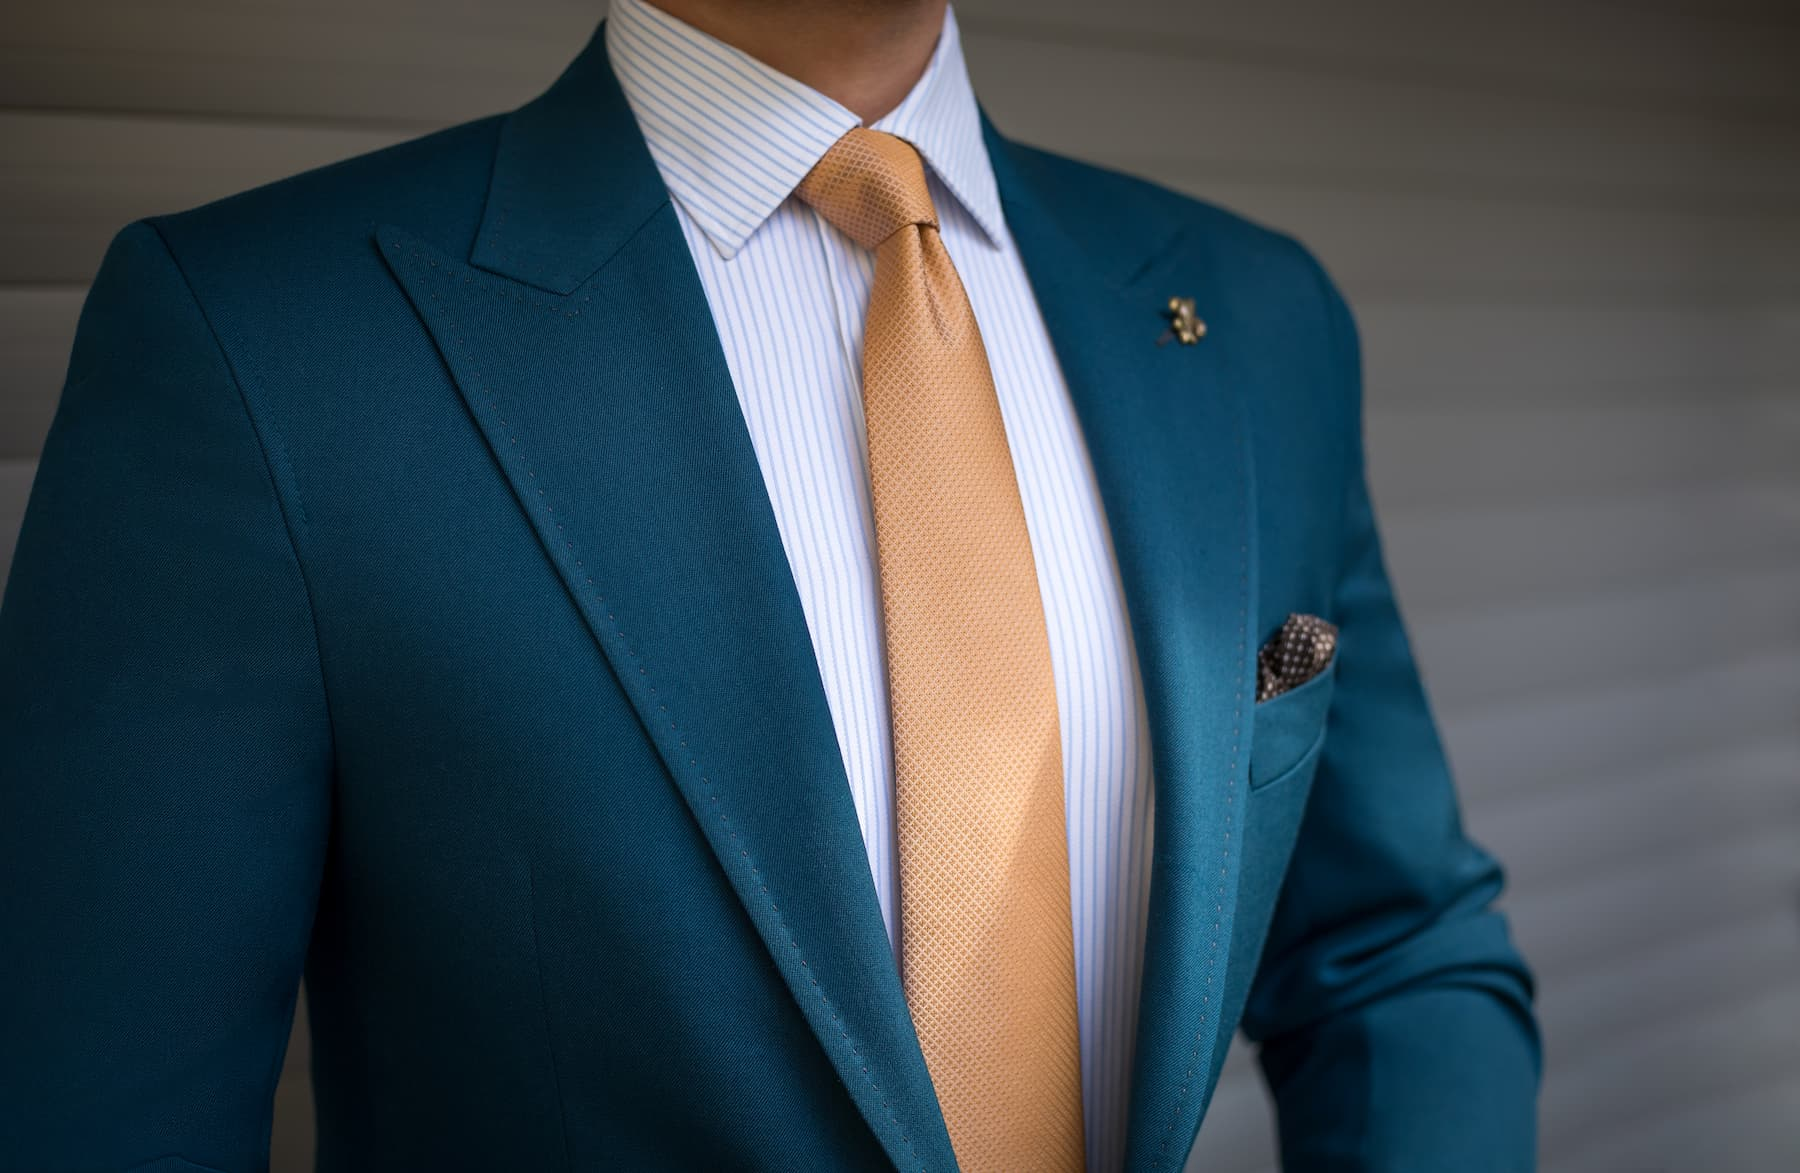 granatowa marynarka, ozonee, krawat, slub urzędowy, co ubrać jako gość